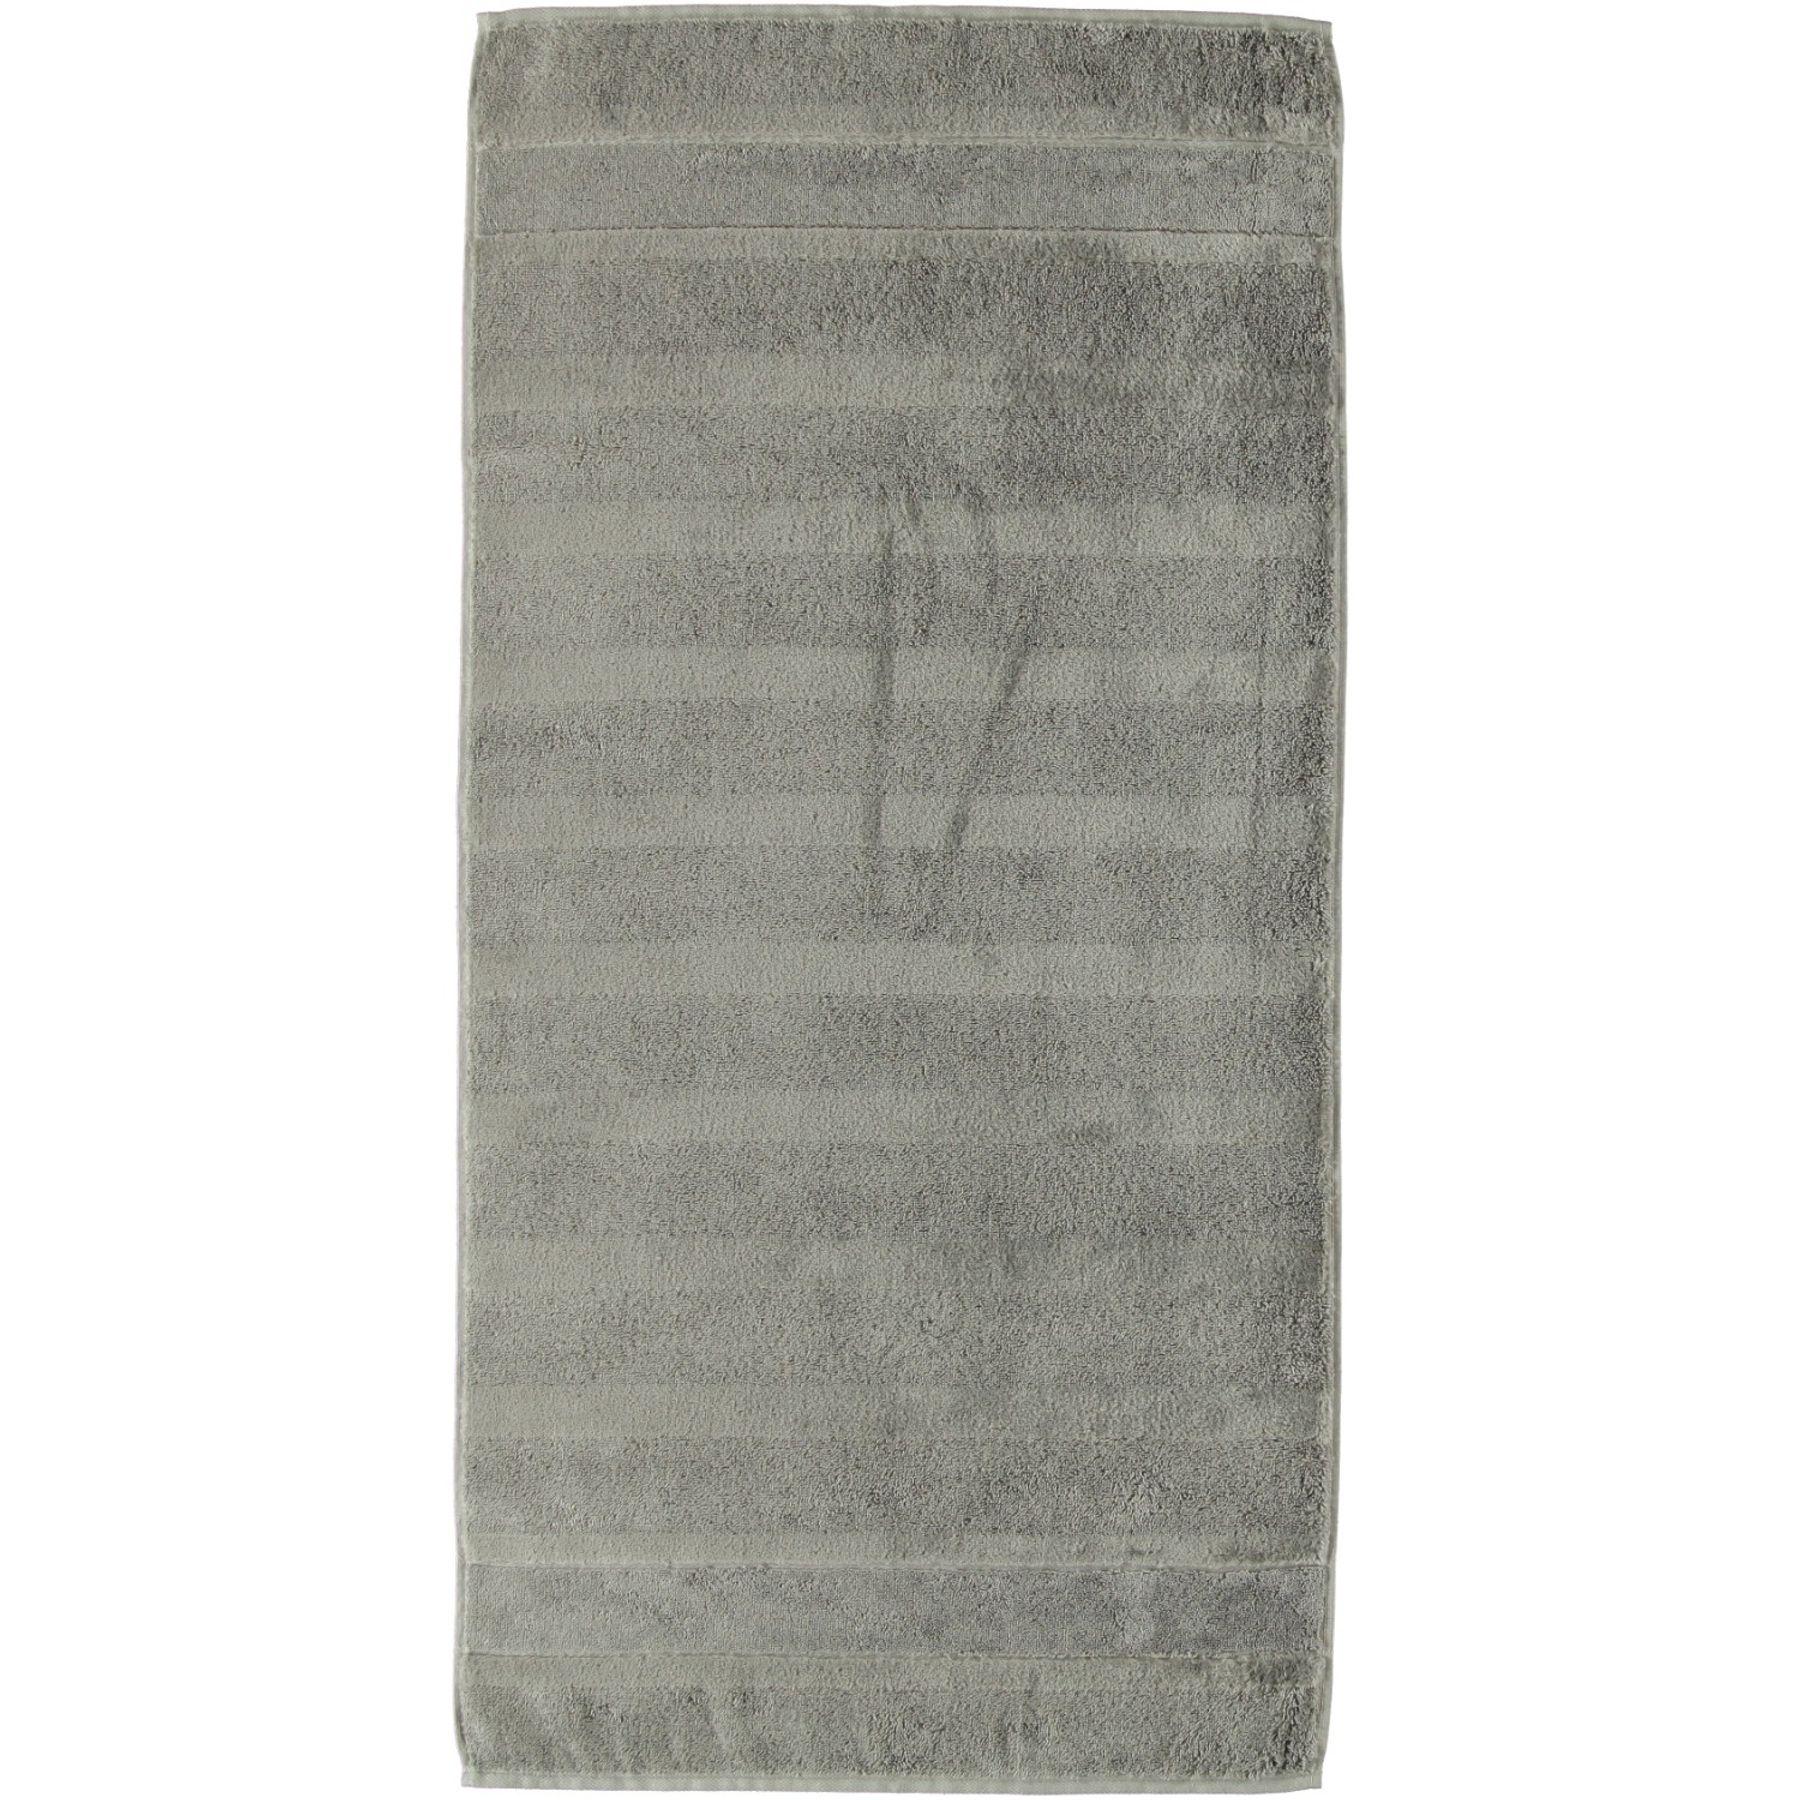 Cawö - Frottier Handtuch in verschiedenen Größen und Farben,  Noblesse (1002)  – Bild 6